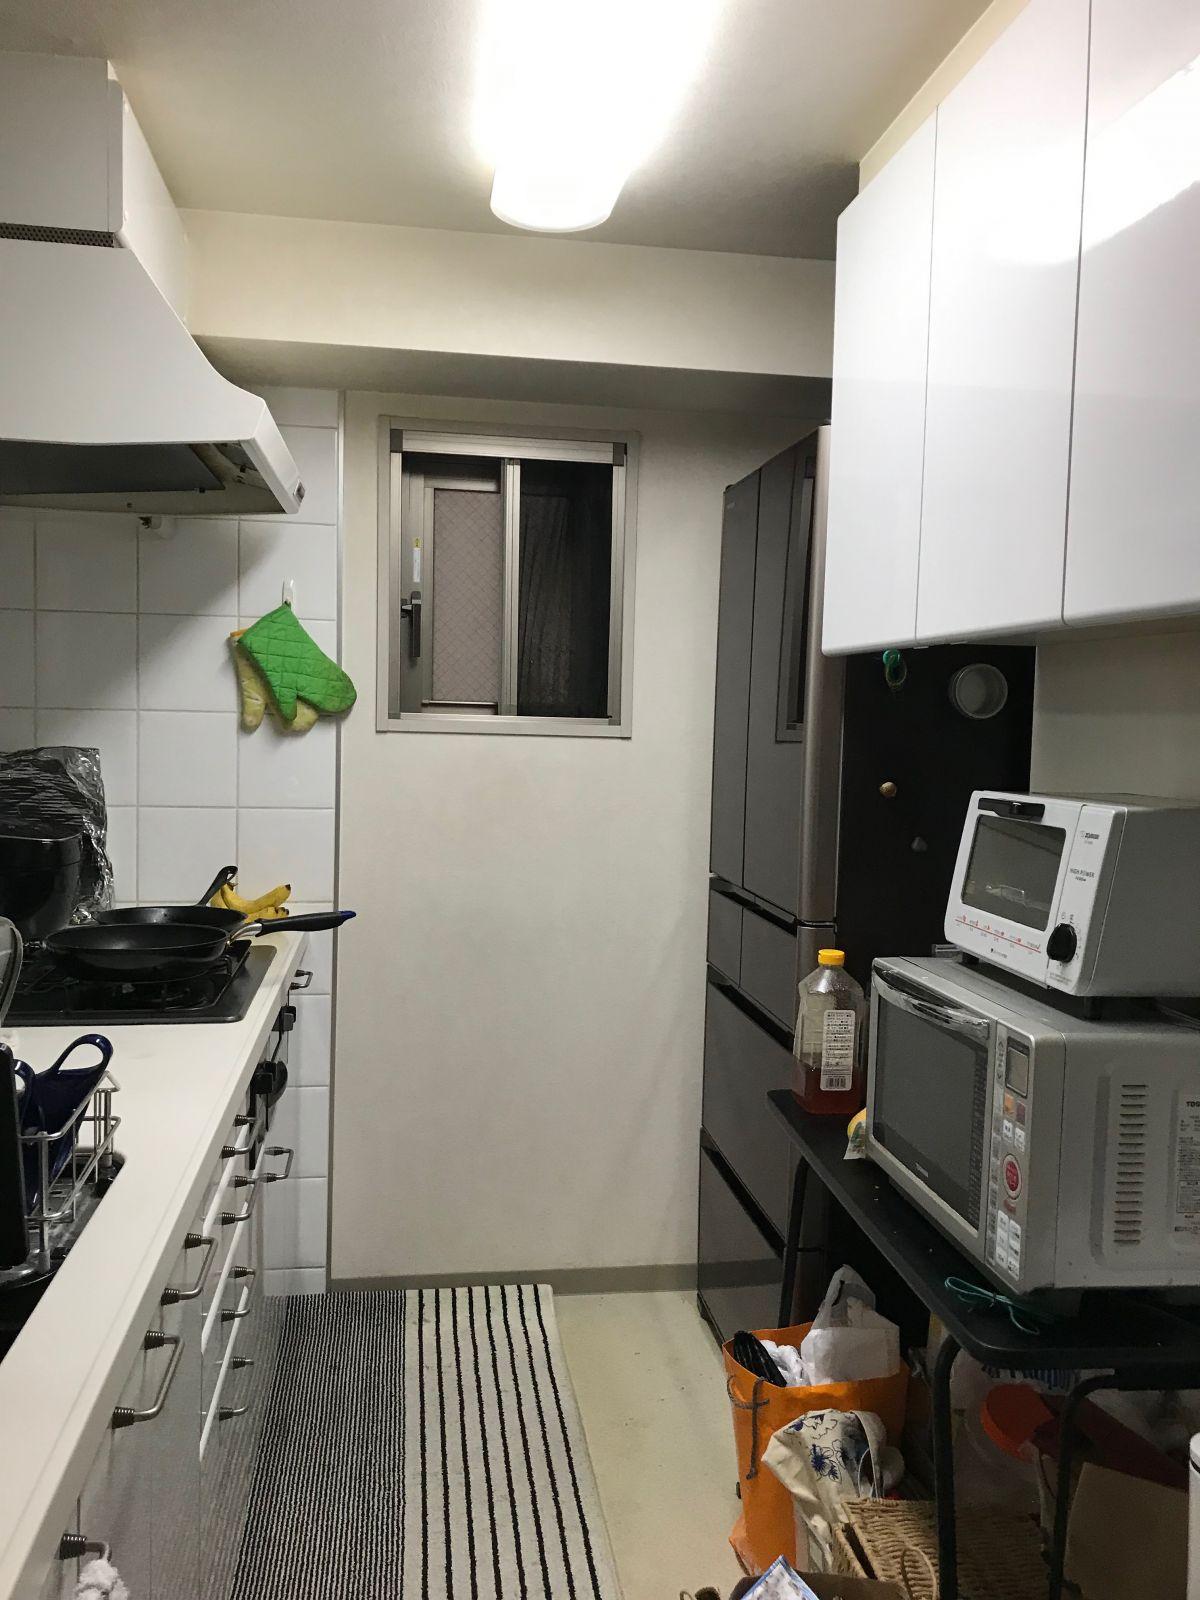 キッチンの床 1 3mx2 5m 張り替えと 壁紙張り替えをお願いしたい リフォームのことなら家仲間コム